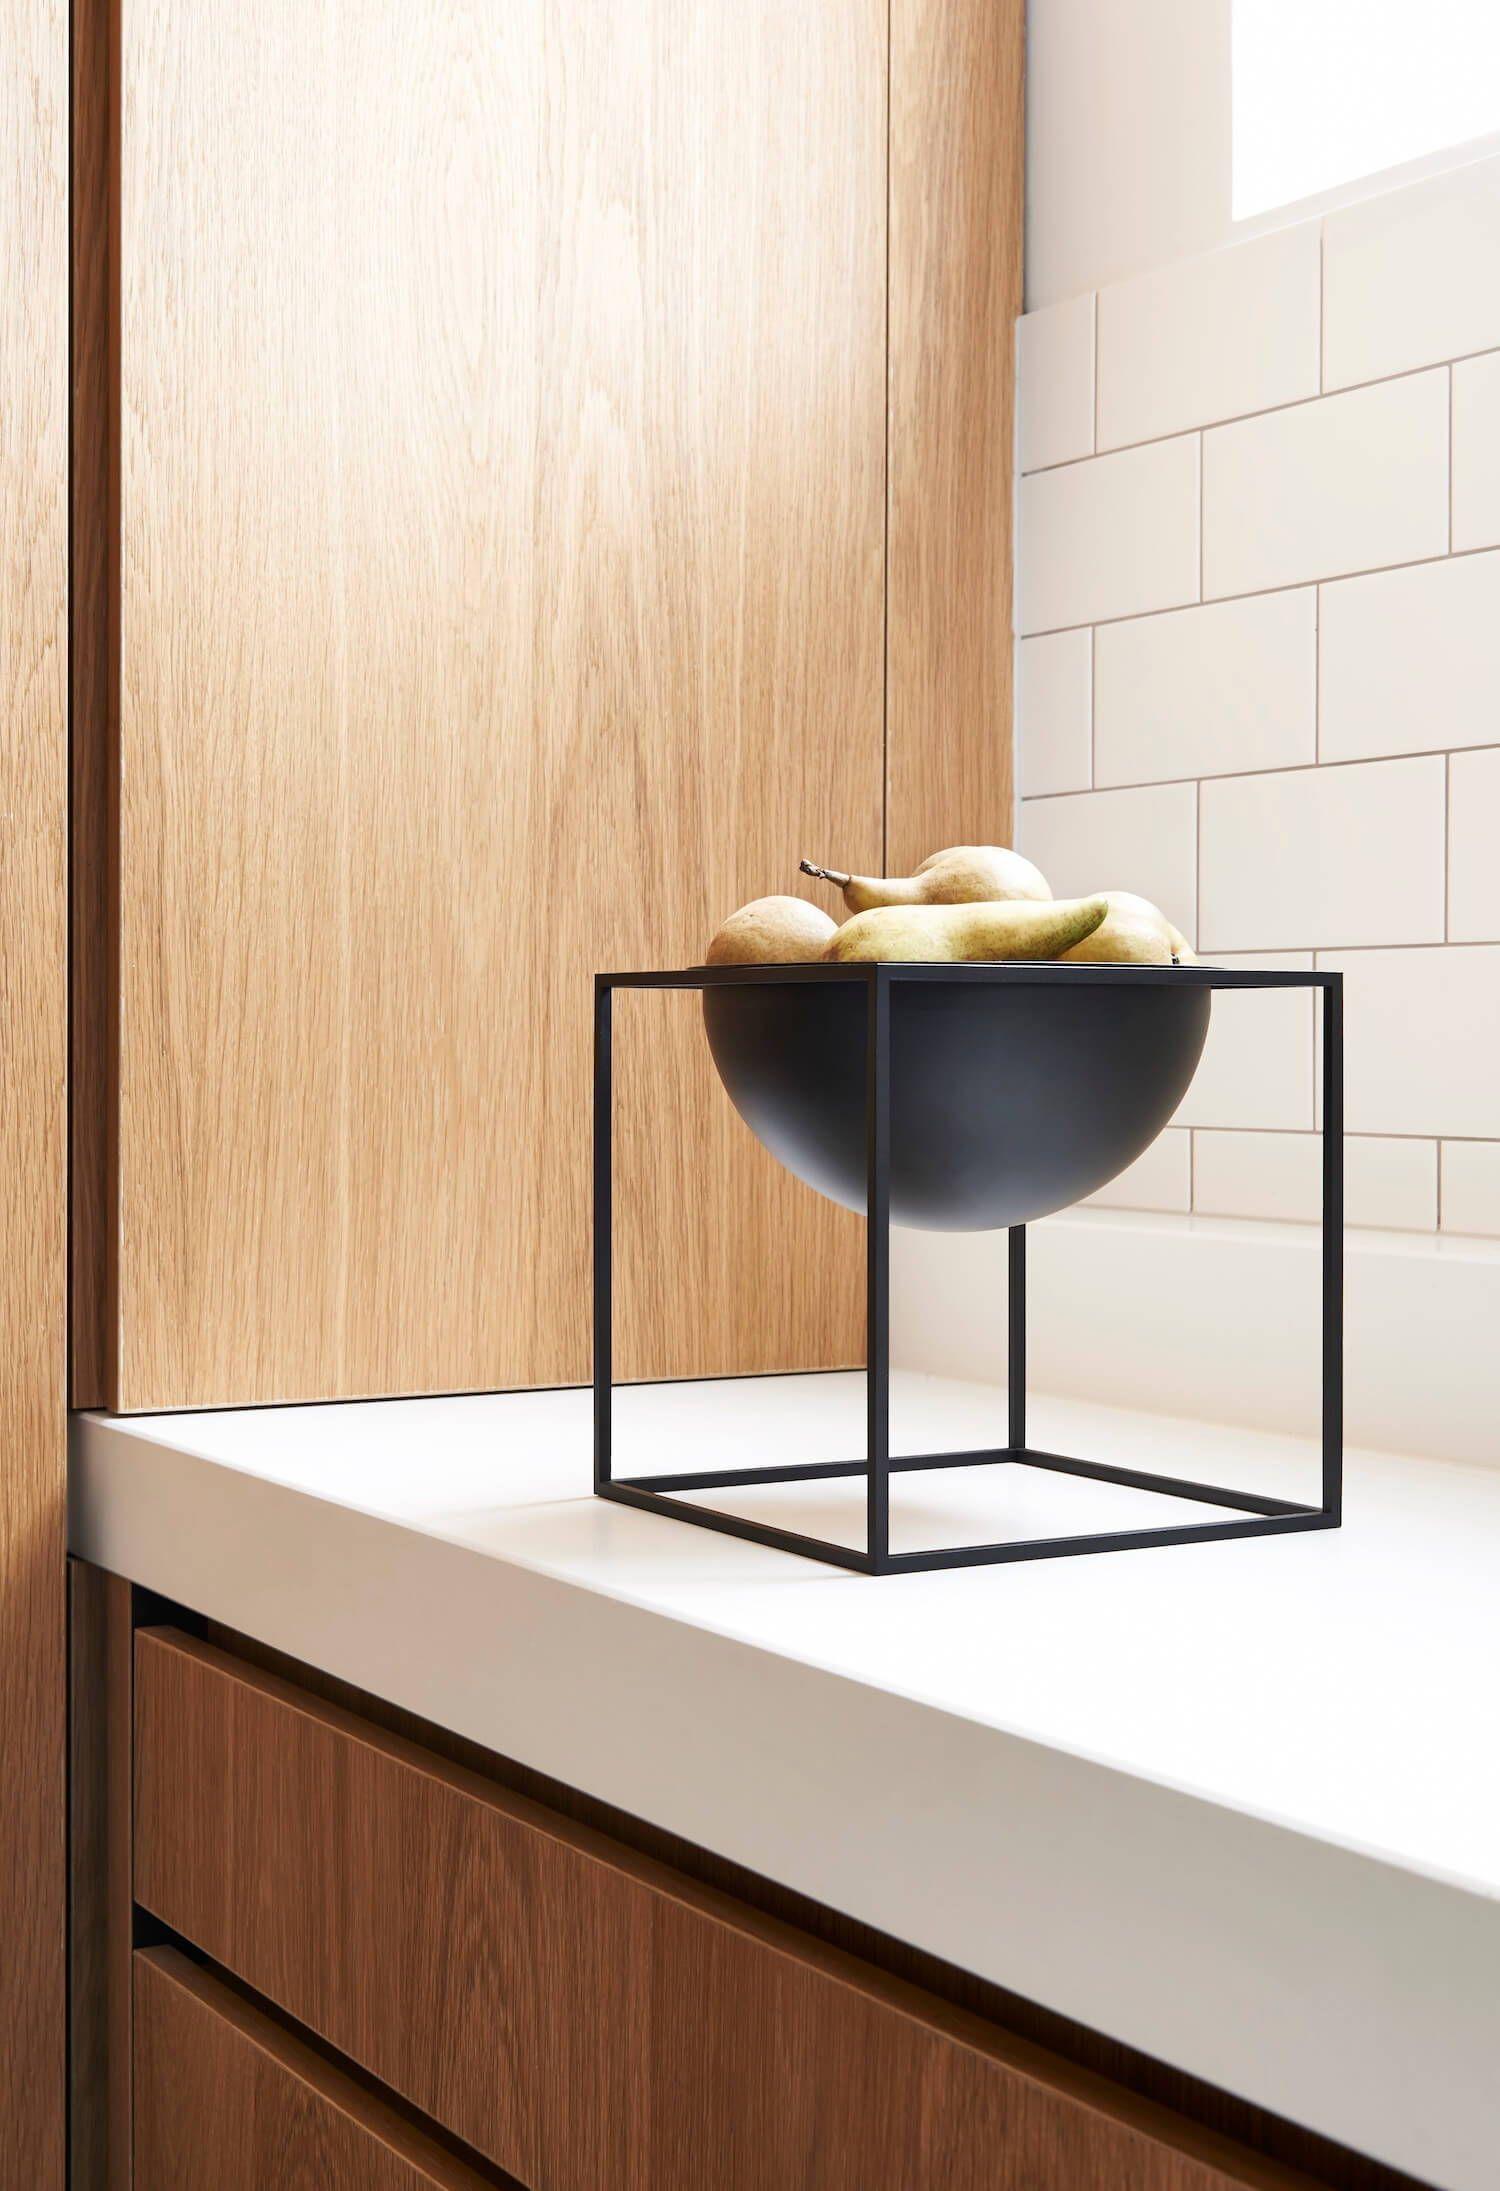 Innenarchitektur für küchenschrank etre living blog  schränke  pinterest  innenarchitektur schrank